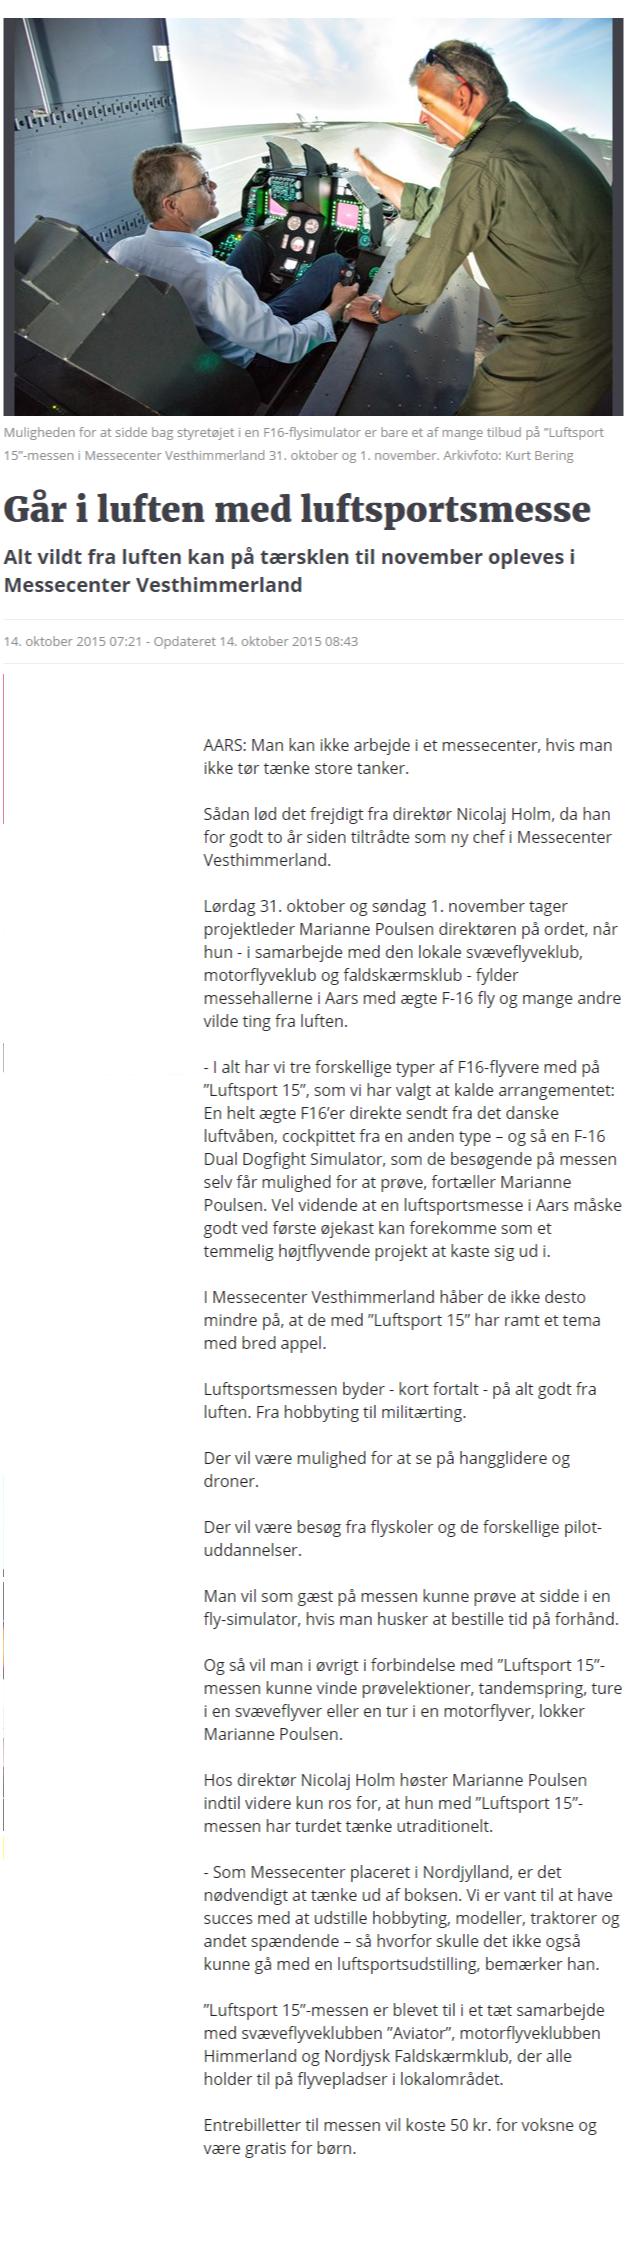 Går i luften med luftsportsmesse   Nordjyske.dk